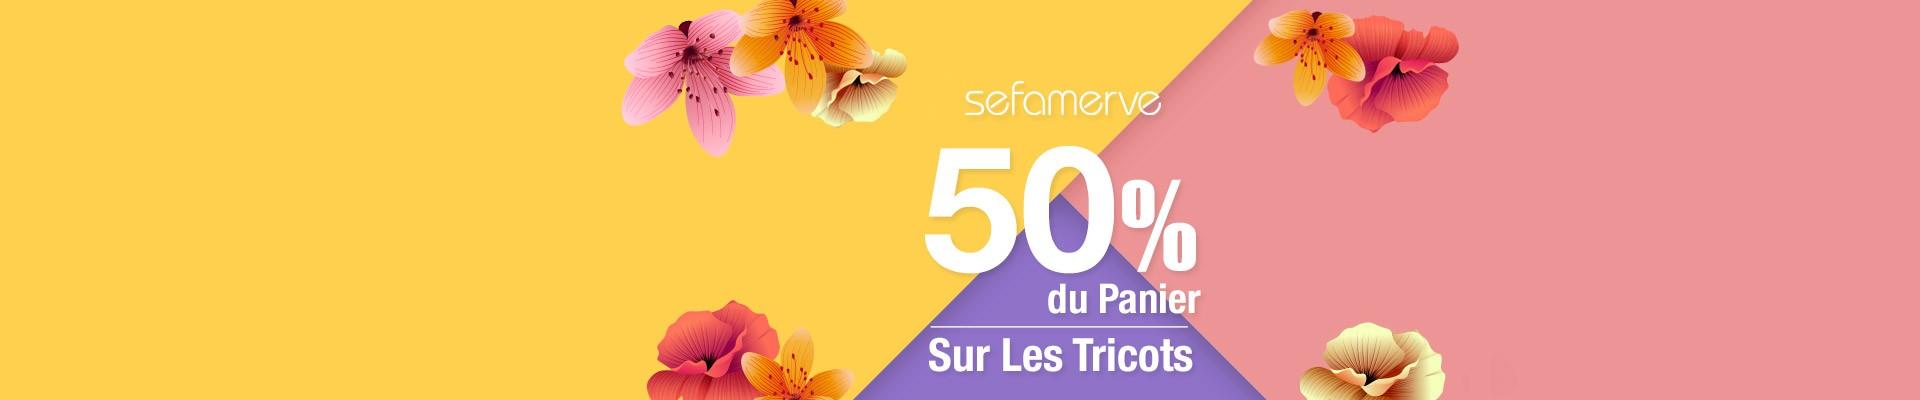 50% du Panier Sur Les Tricots